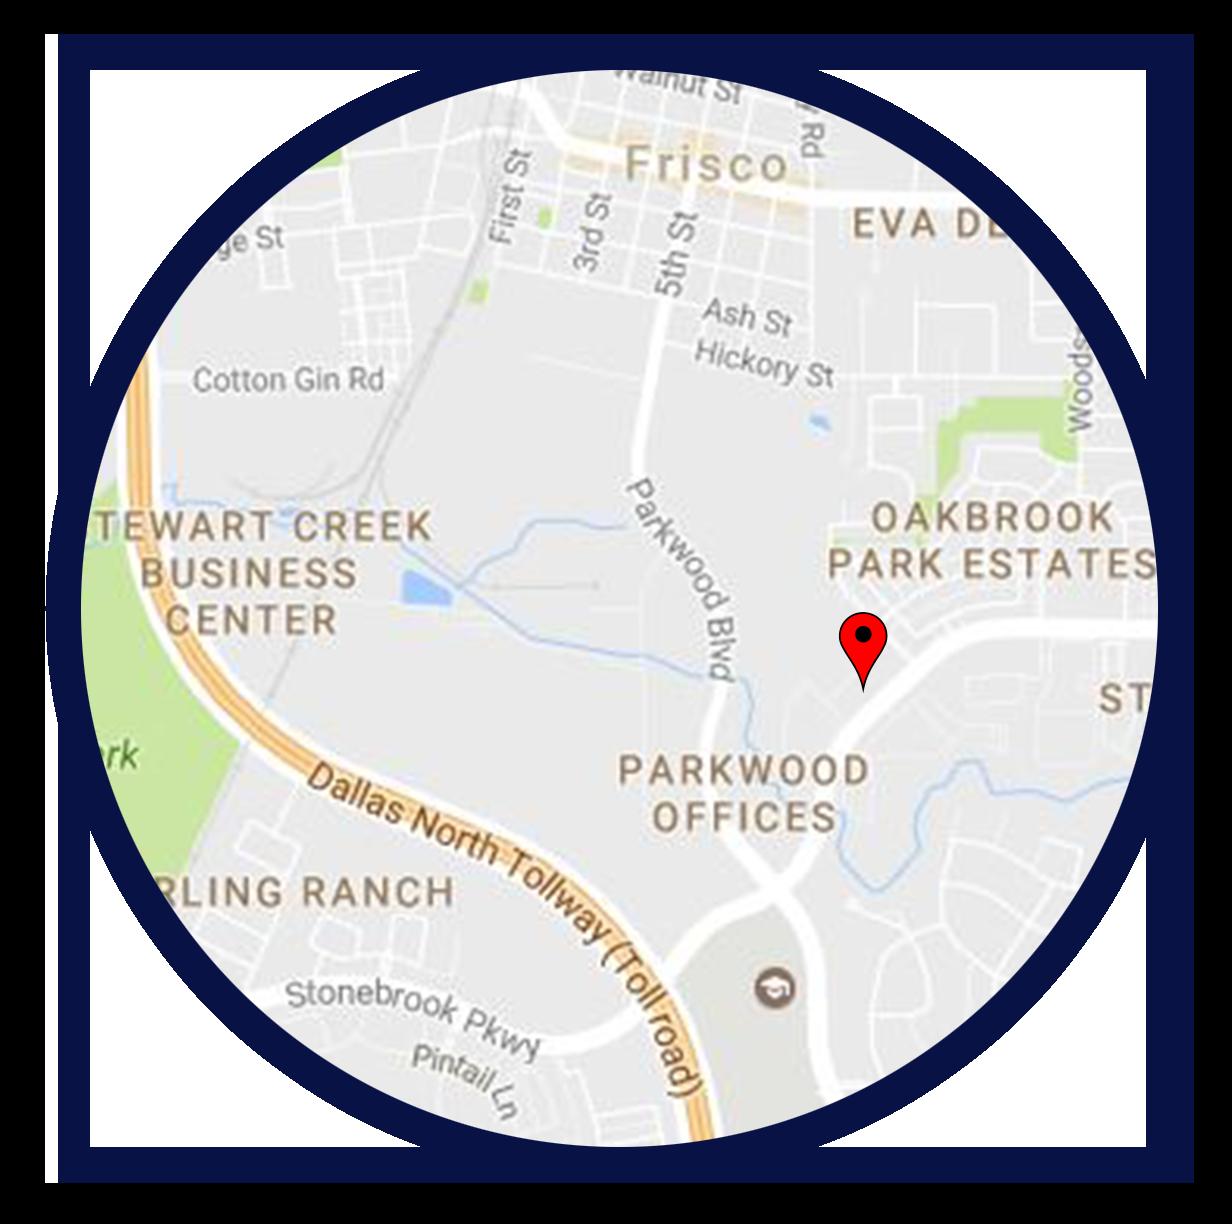 Frisco Eye Associates - Stonebrook